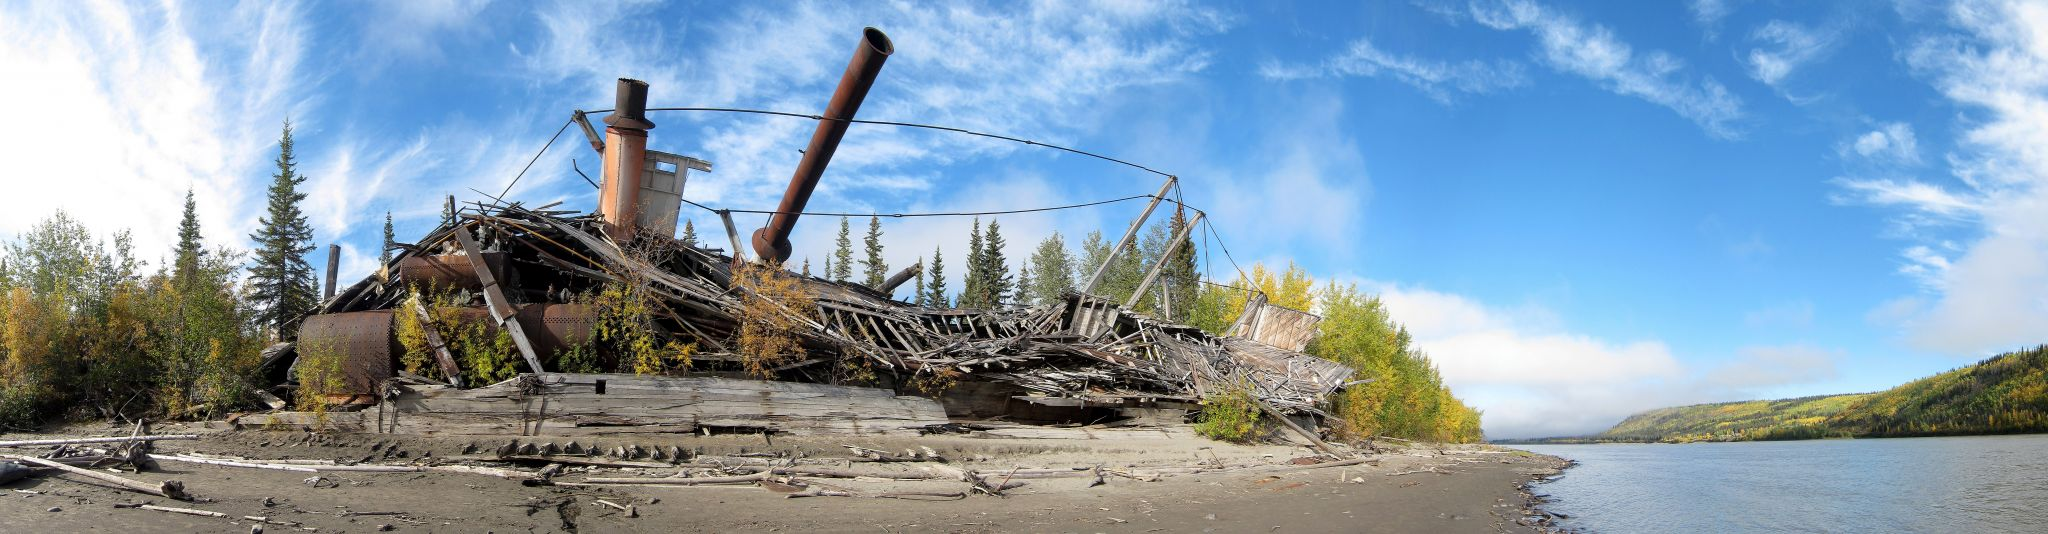 Paddlewheel Graveyard, Yukon, Canada, Canada